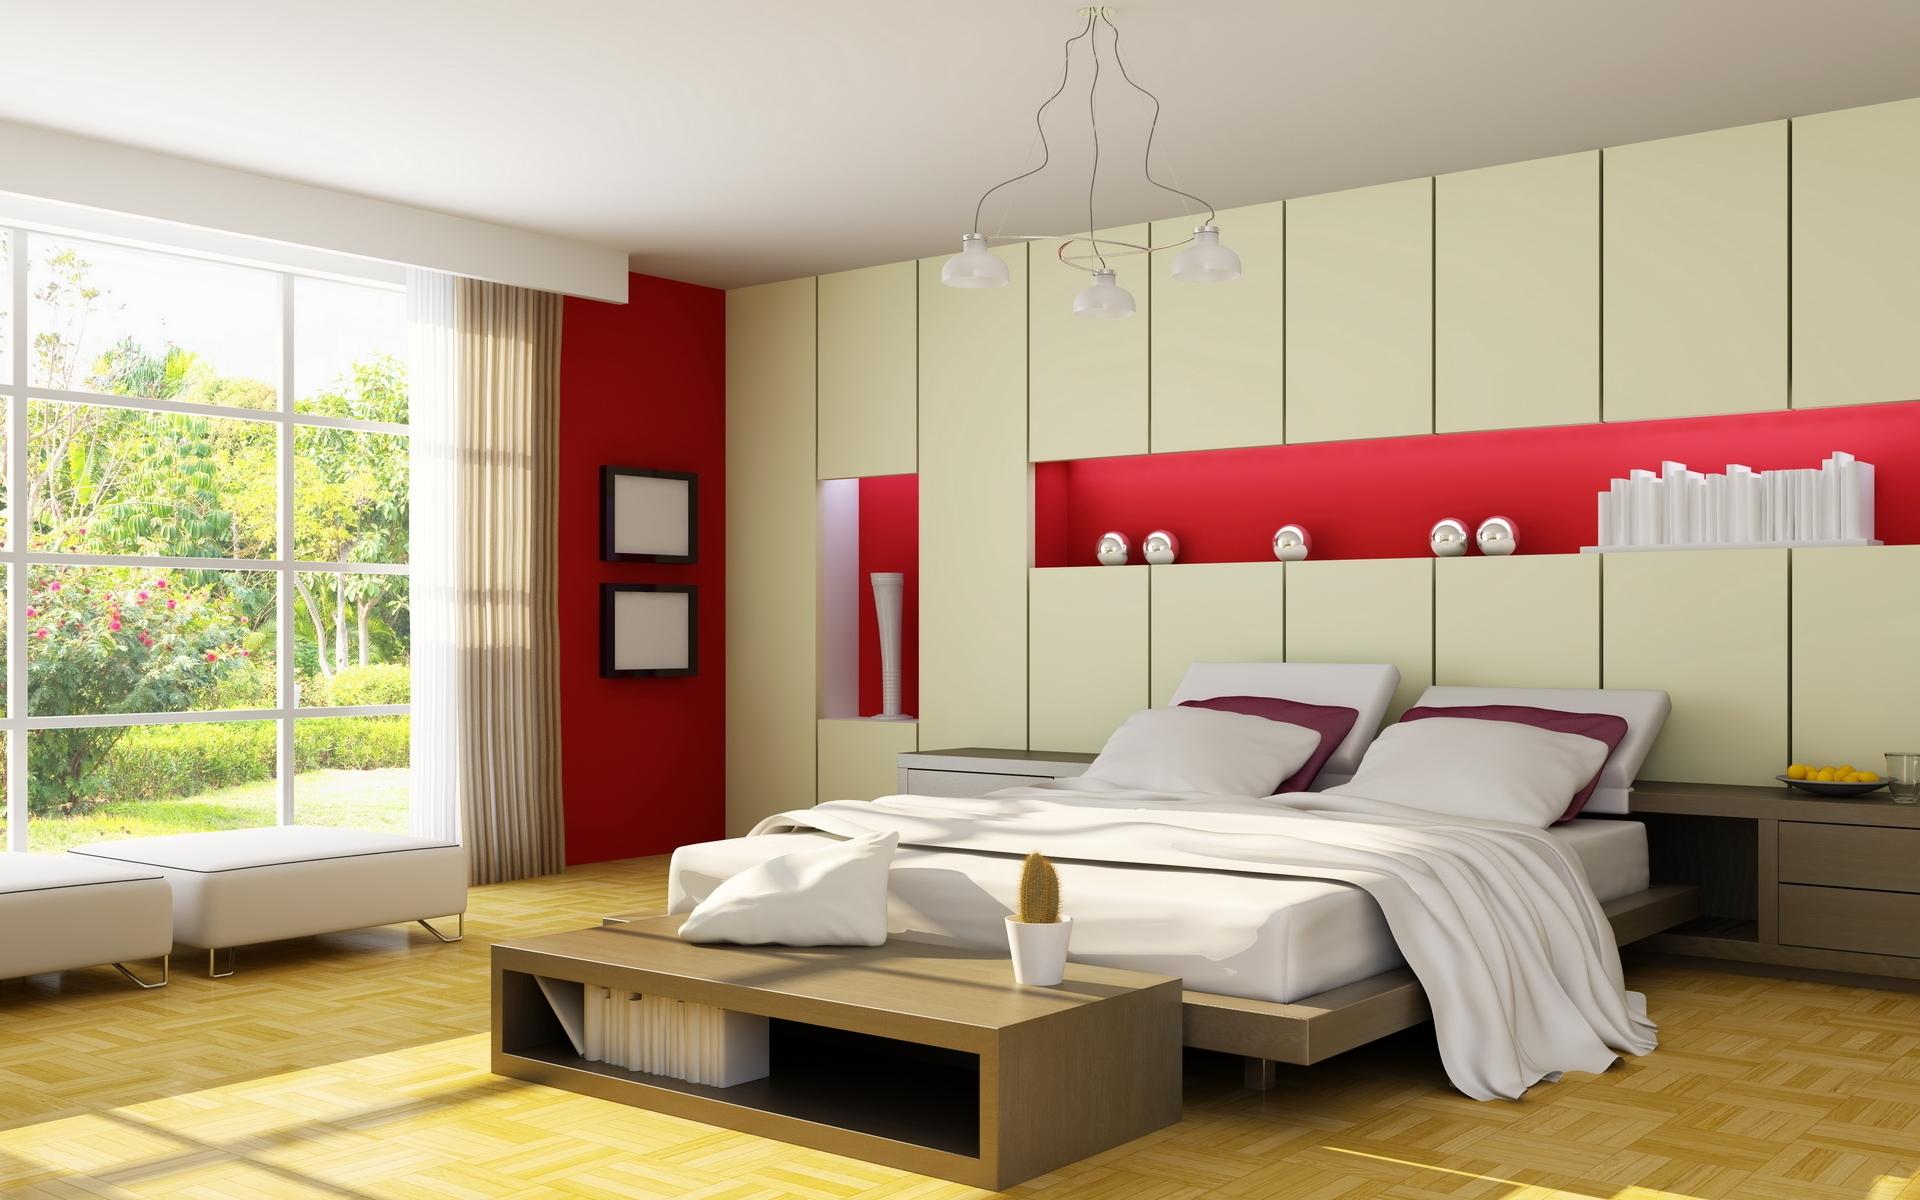 Ingyenes háttérképek : élelmiszer, szoba, belső, növények, ágy ...